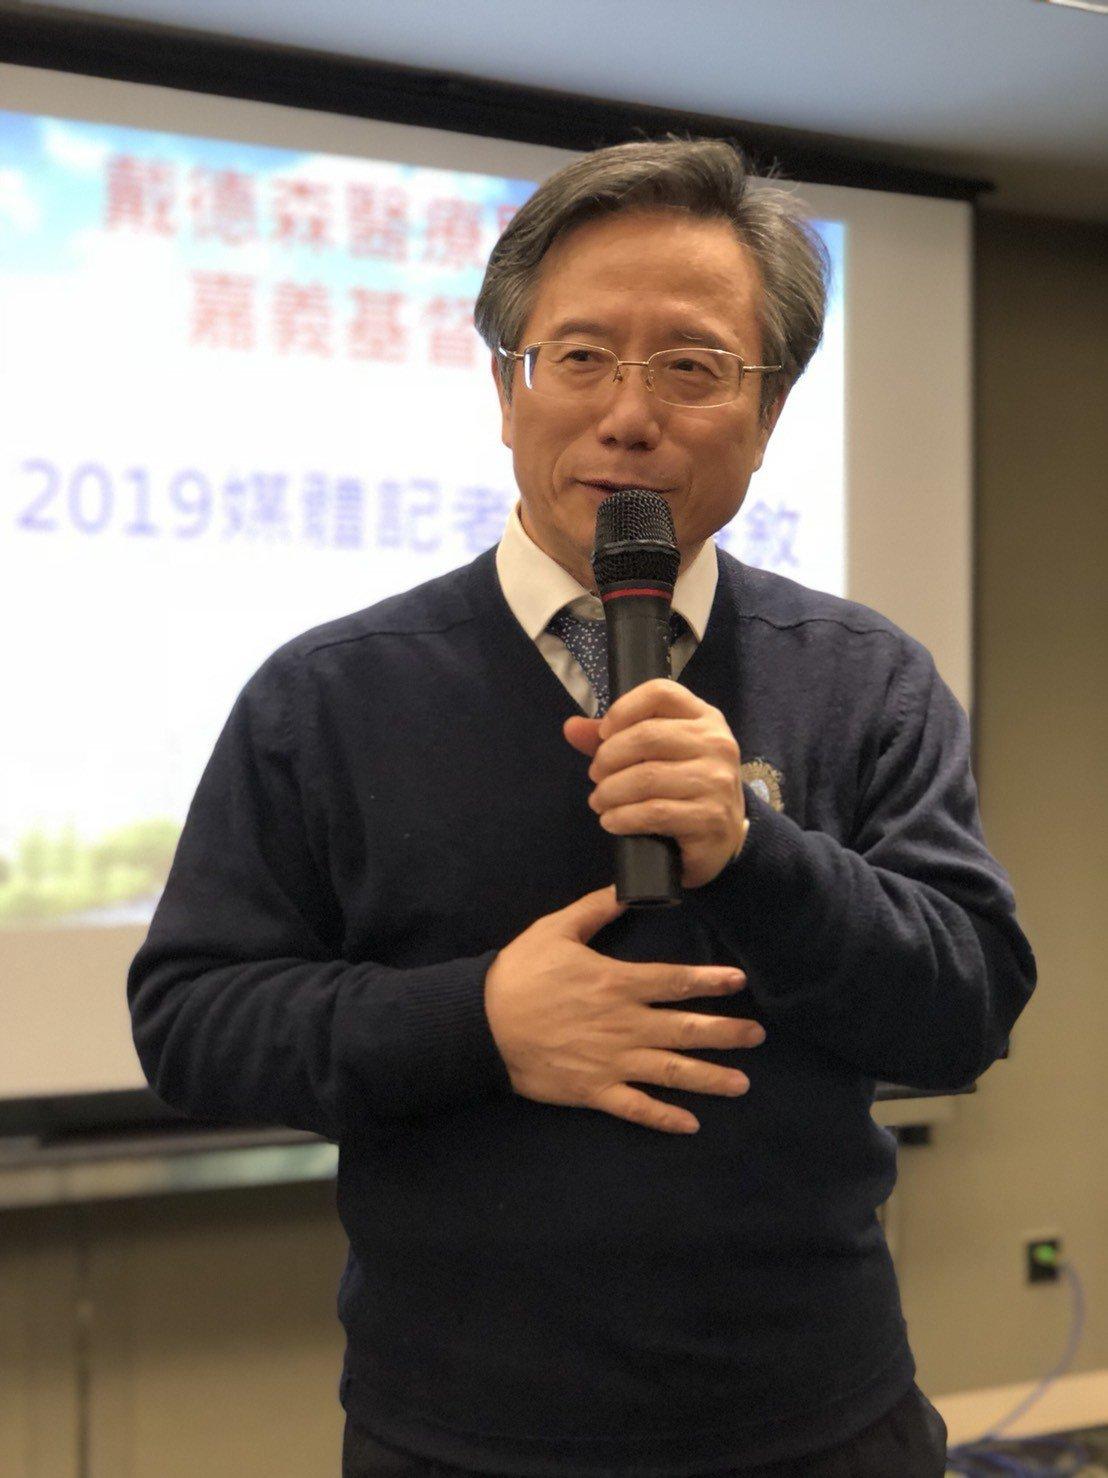 嘉基院長姚維仁說,年終獎金若以月份為基礎發放,對低薪員工較不公平,經董事會討論,...